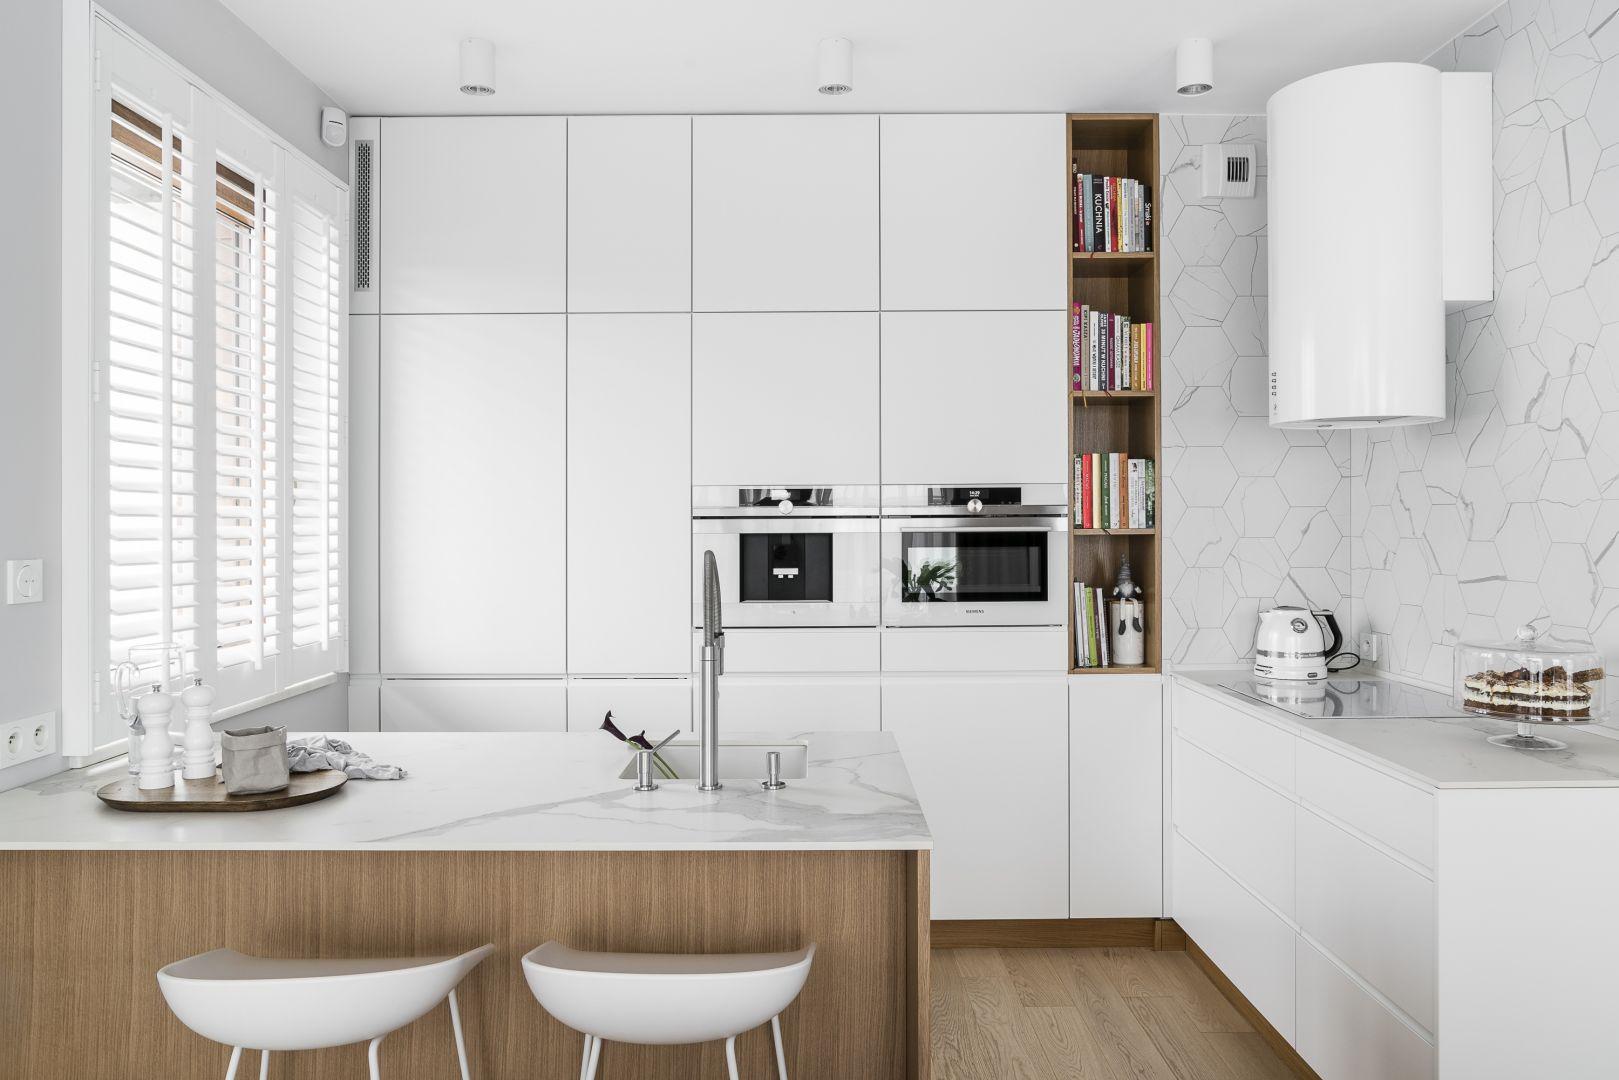 Biała kuchnia. Projekt Studio Maka